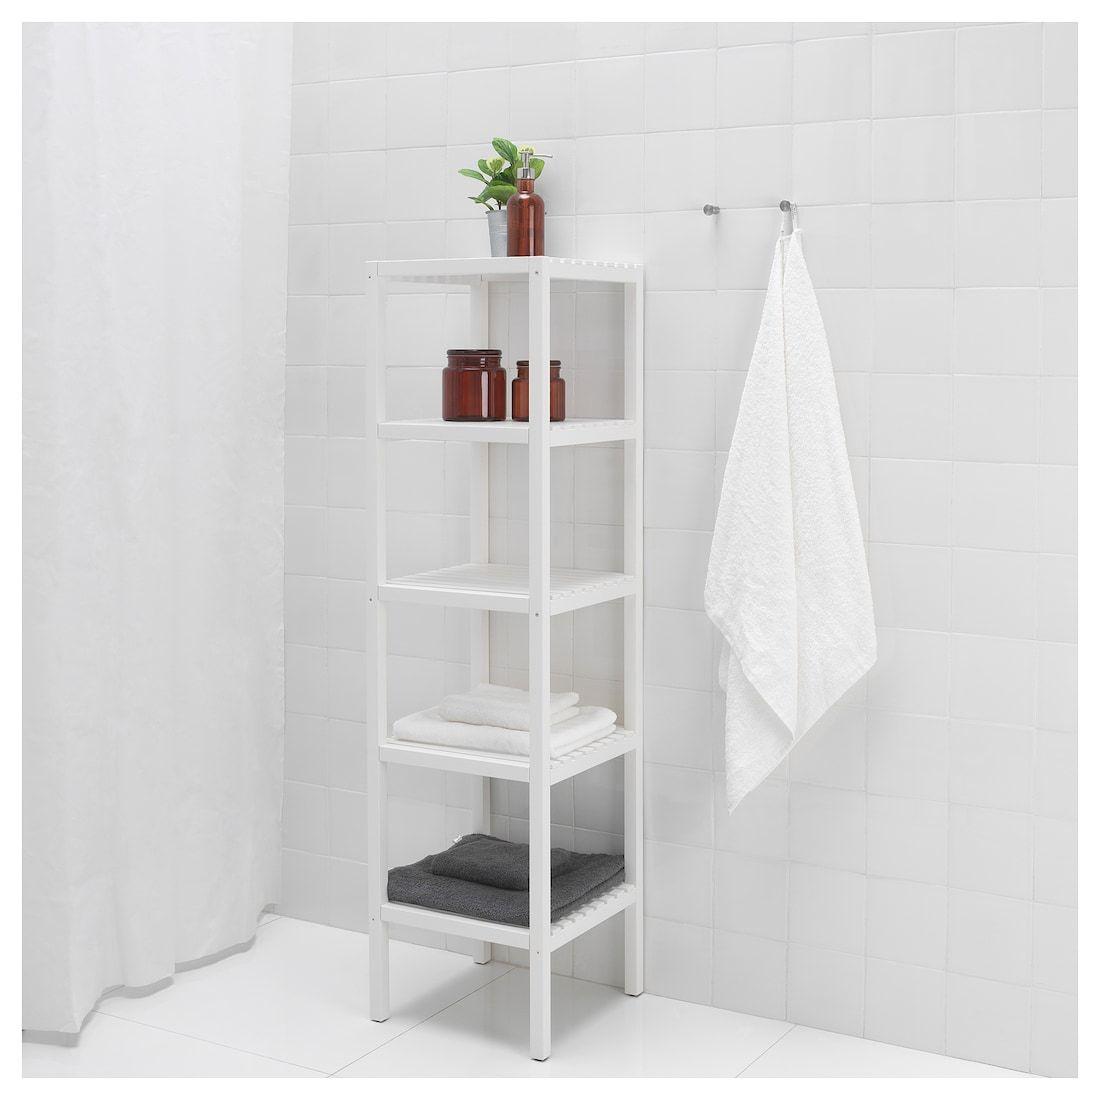 11+ Ikea bathroom shelves white ideas